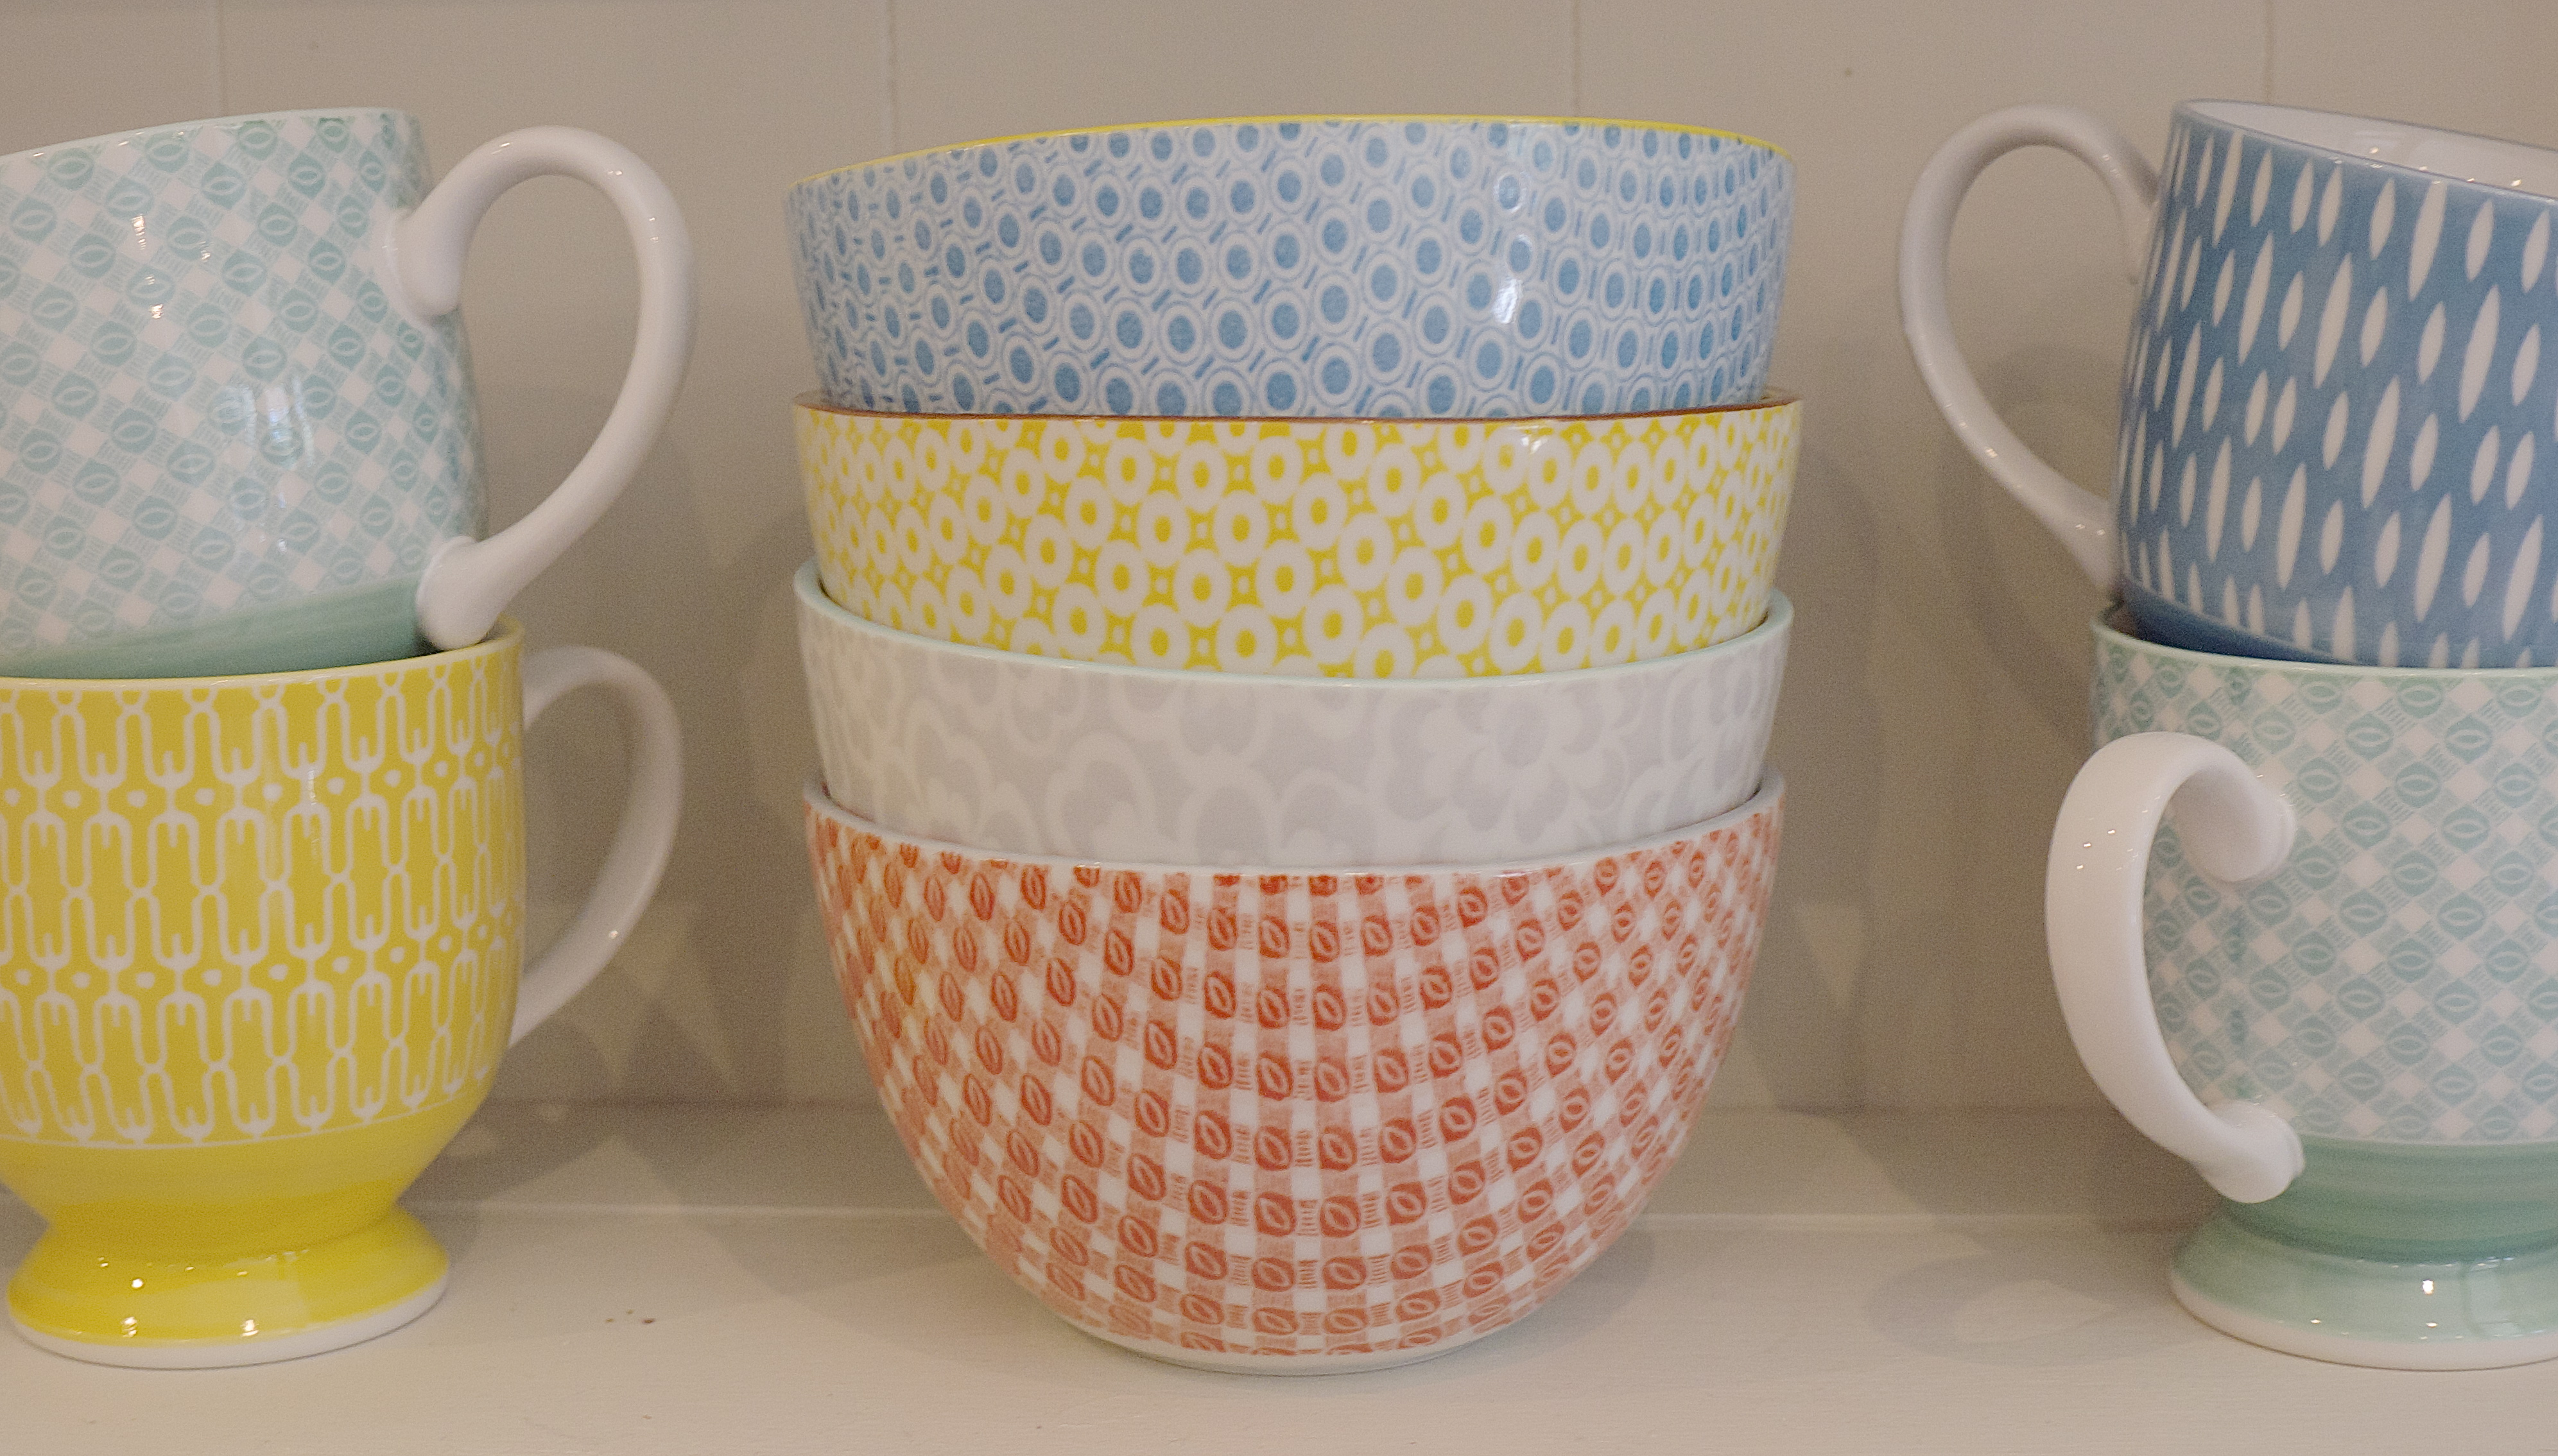 Sky Parlour Bowls and Mugs